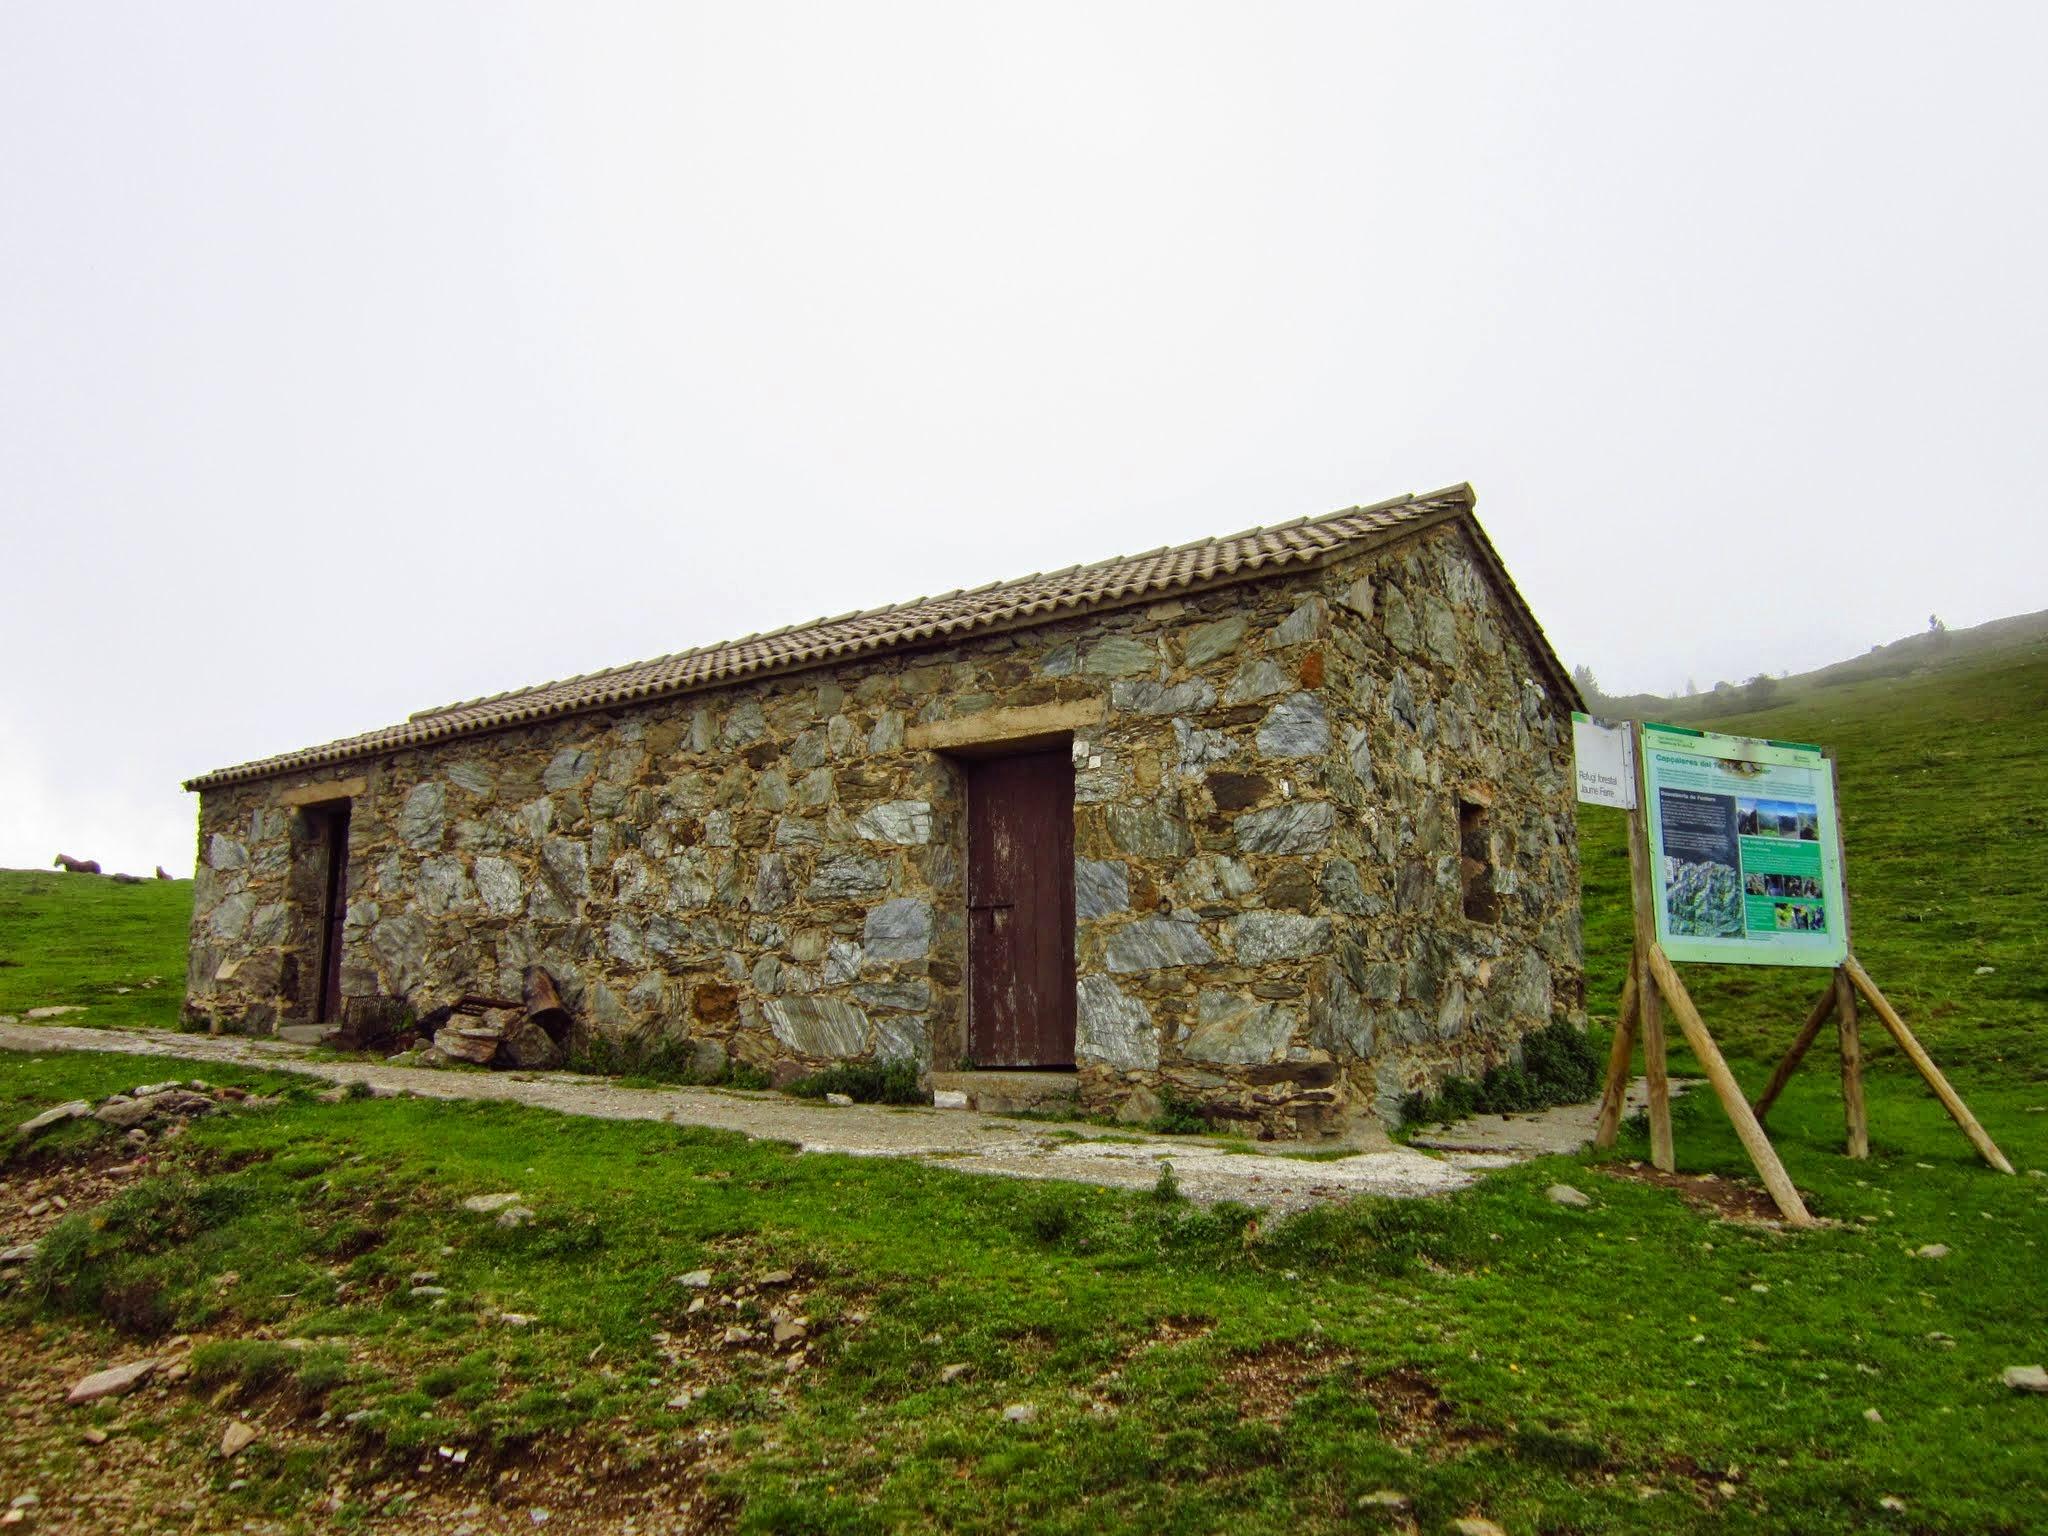 Refugi forestal Jaume Ferrer